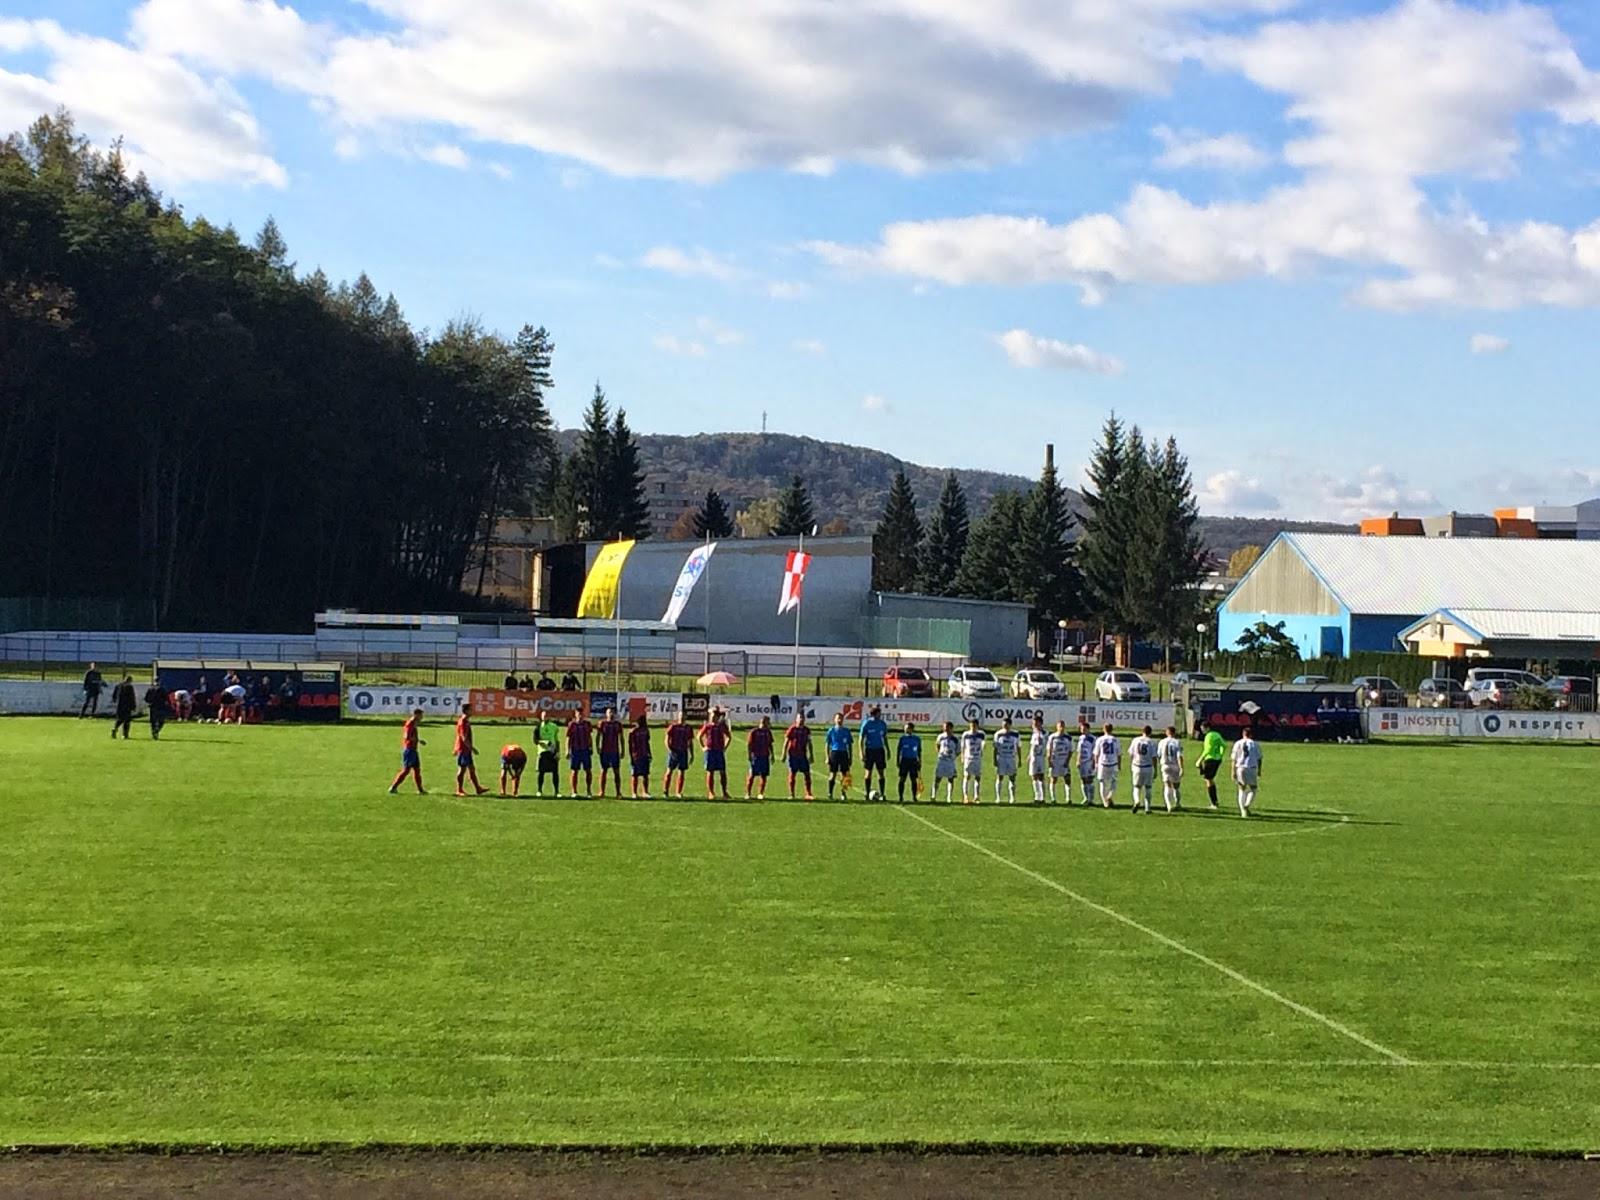 32fb10dc1b63d Dnes sa hral futbal za pekného jesenného počasia, ktoré prilákalo na  mestský štadión vo Zvolene peknú návštevu vyše 700 divákov.